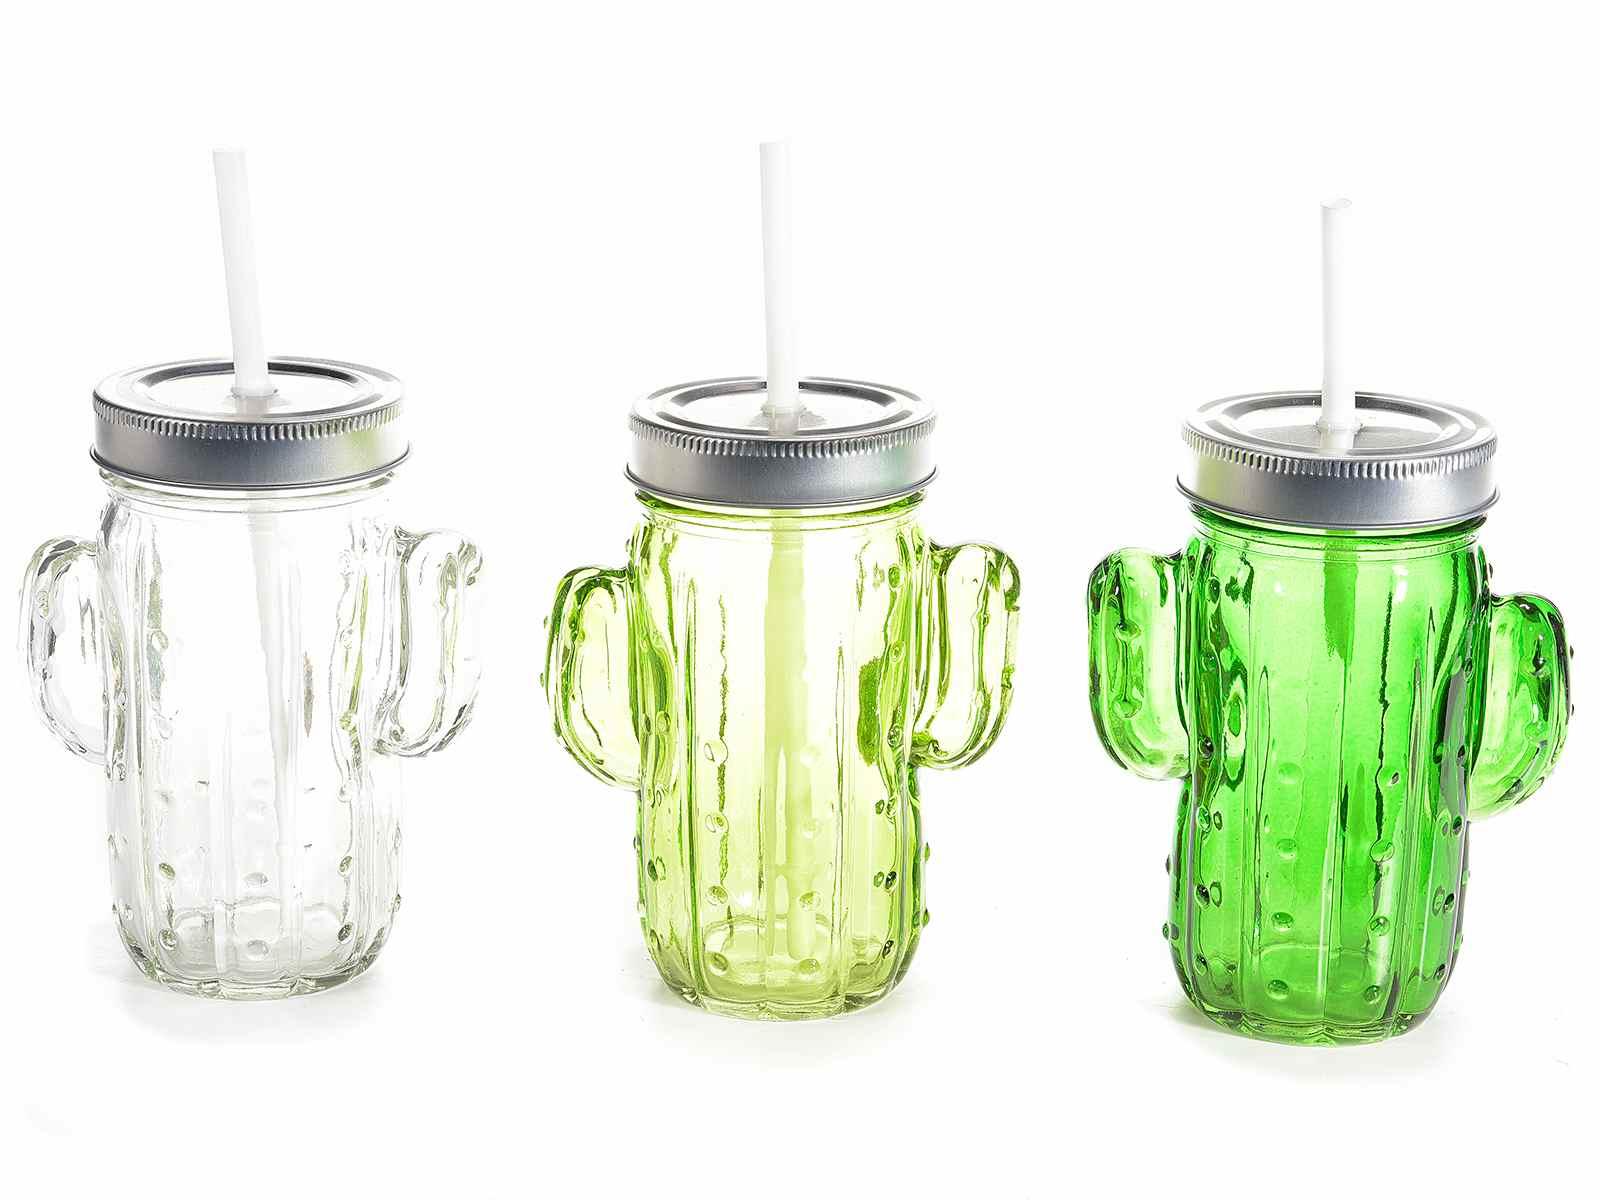 Boccale in vetro a cactus con cannuccia art - Mobiletti in vetro ...